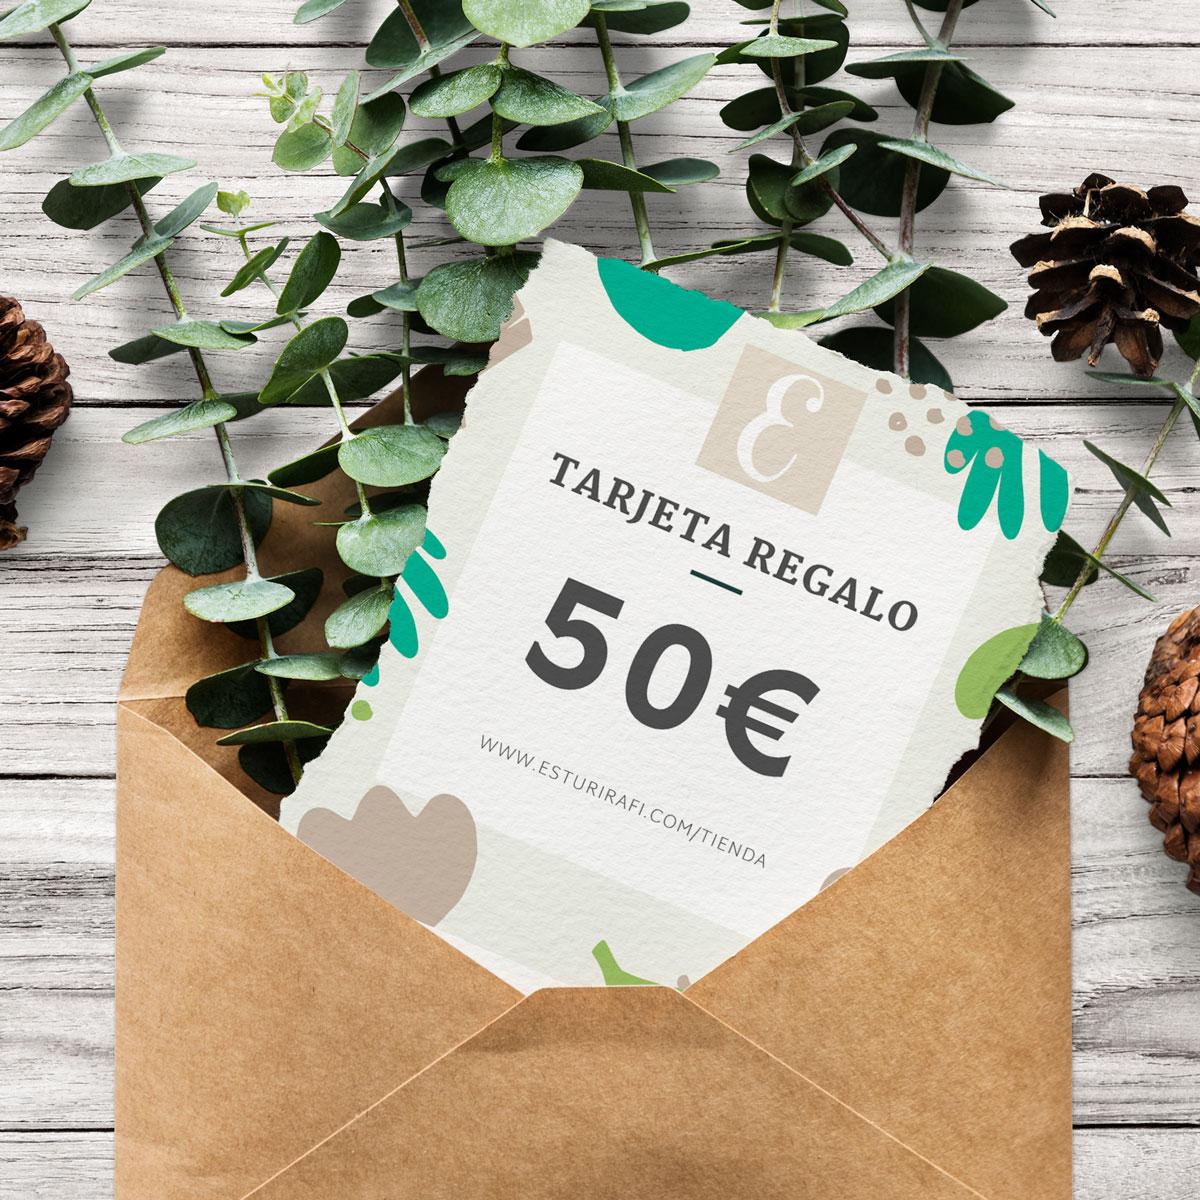 tarjeta-zero-waste-regalo-navidad-esturirafi